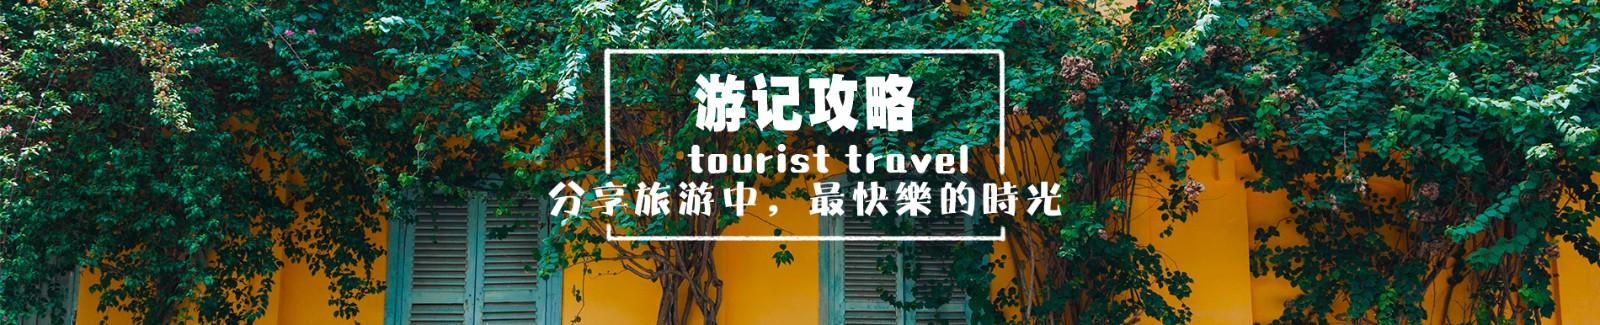 旅游日记导航图片